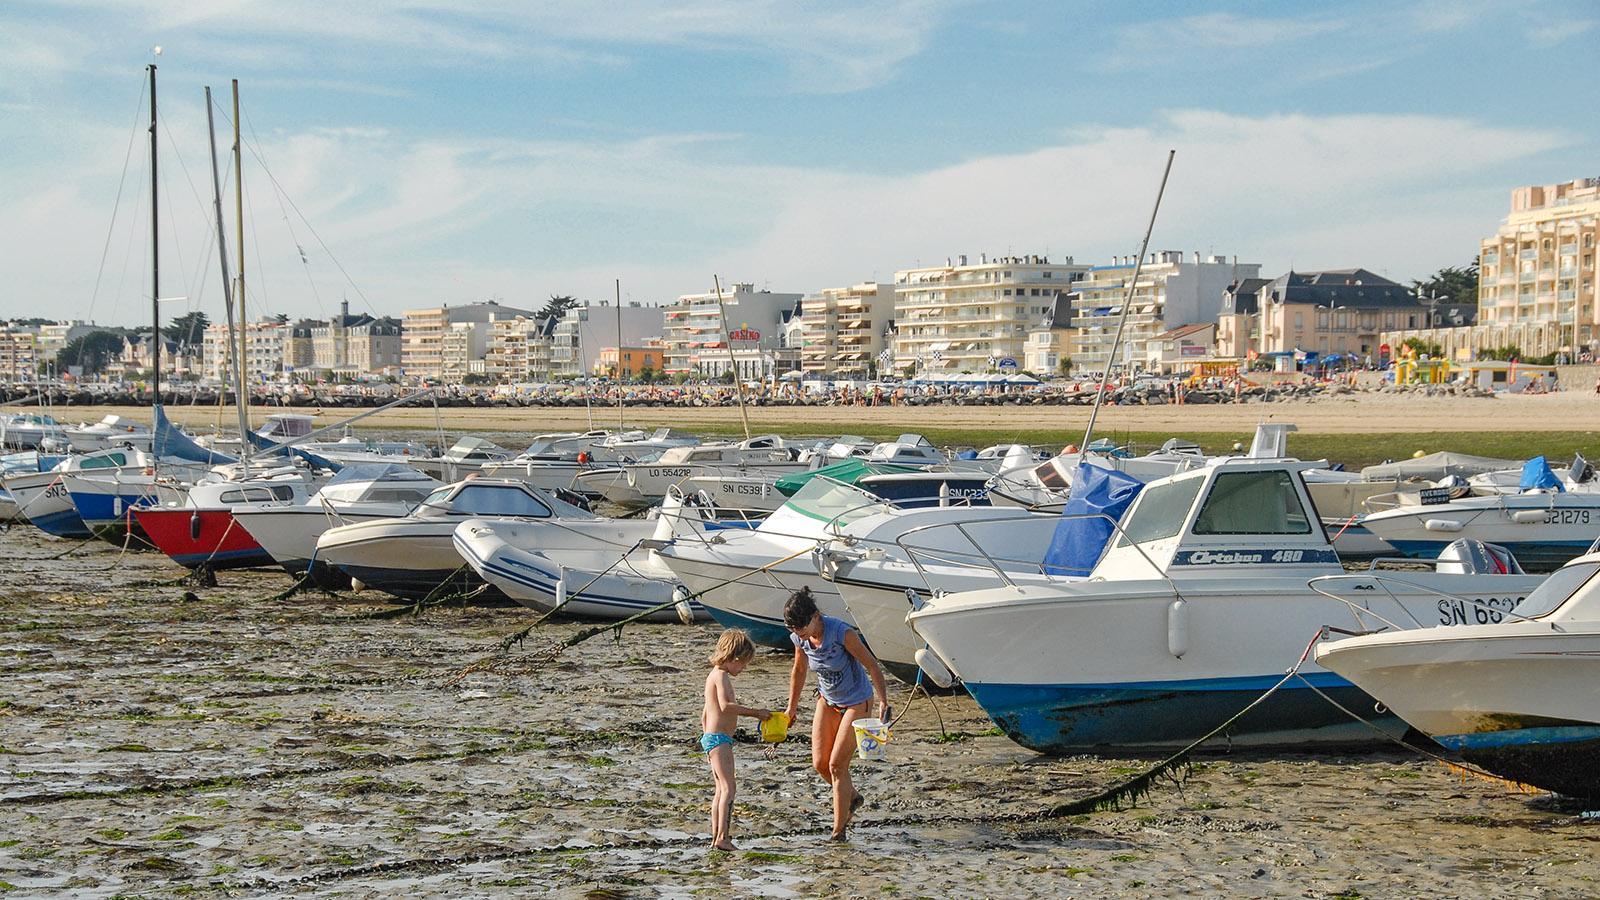 Pêche à Pied in Pornichet. Foto: Hilke Maunder